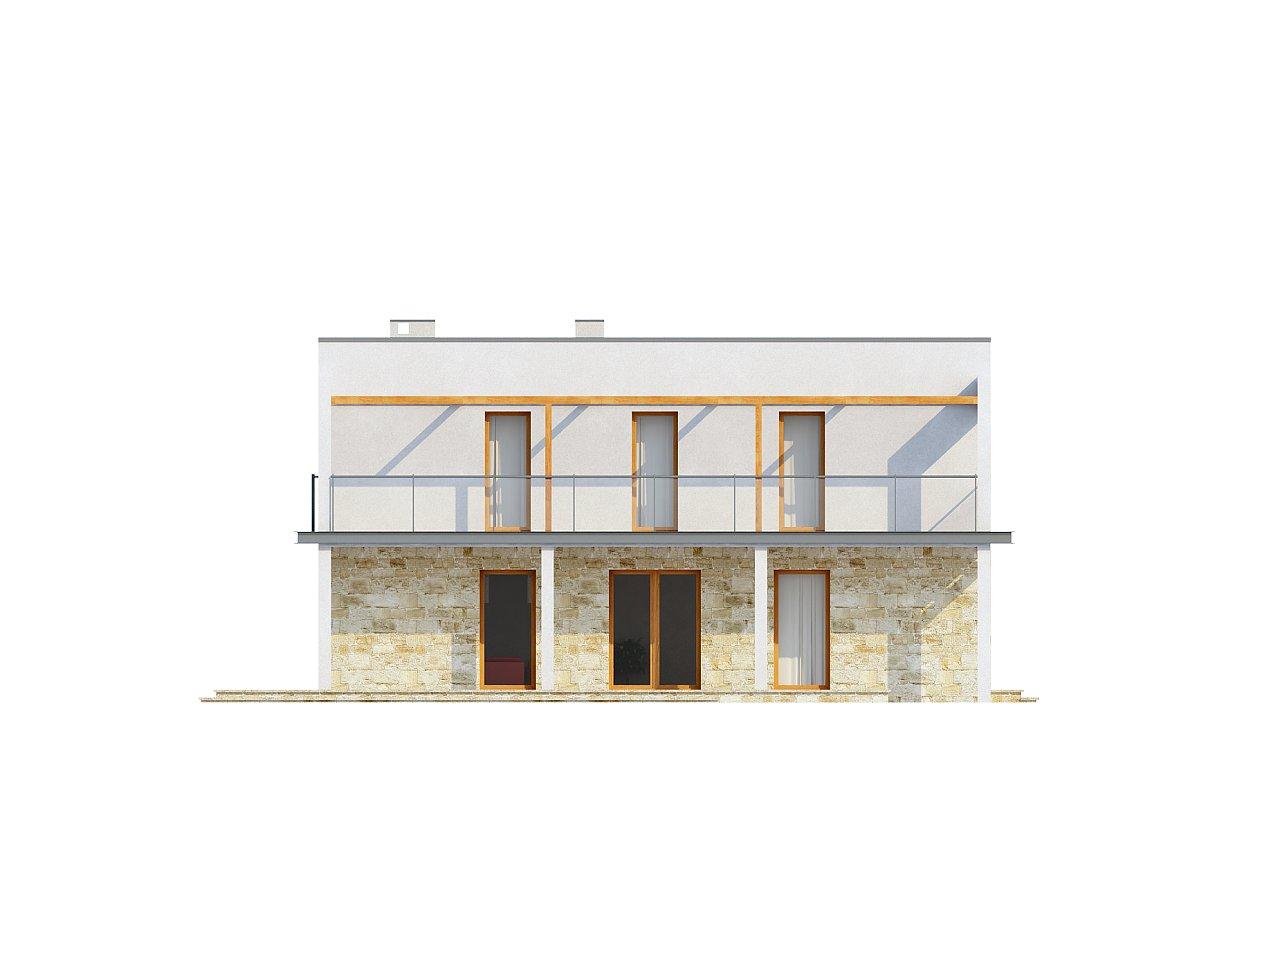 Практичный двухэтажный дом в современном стиле с обширной террасой над гаражом. - фото 6